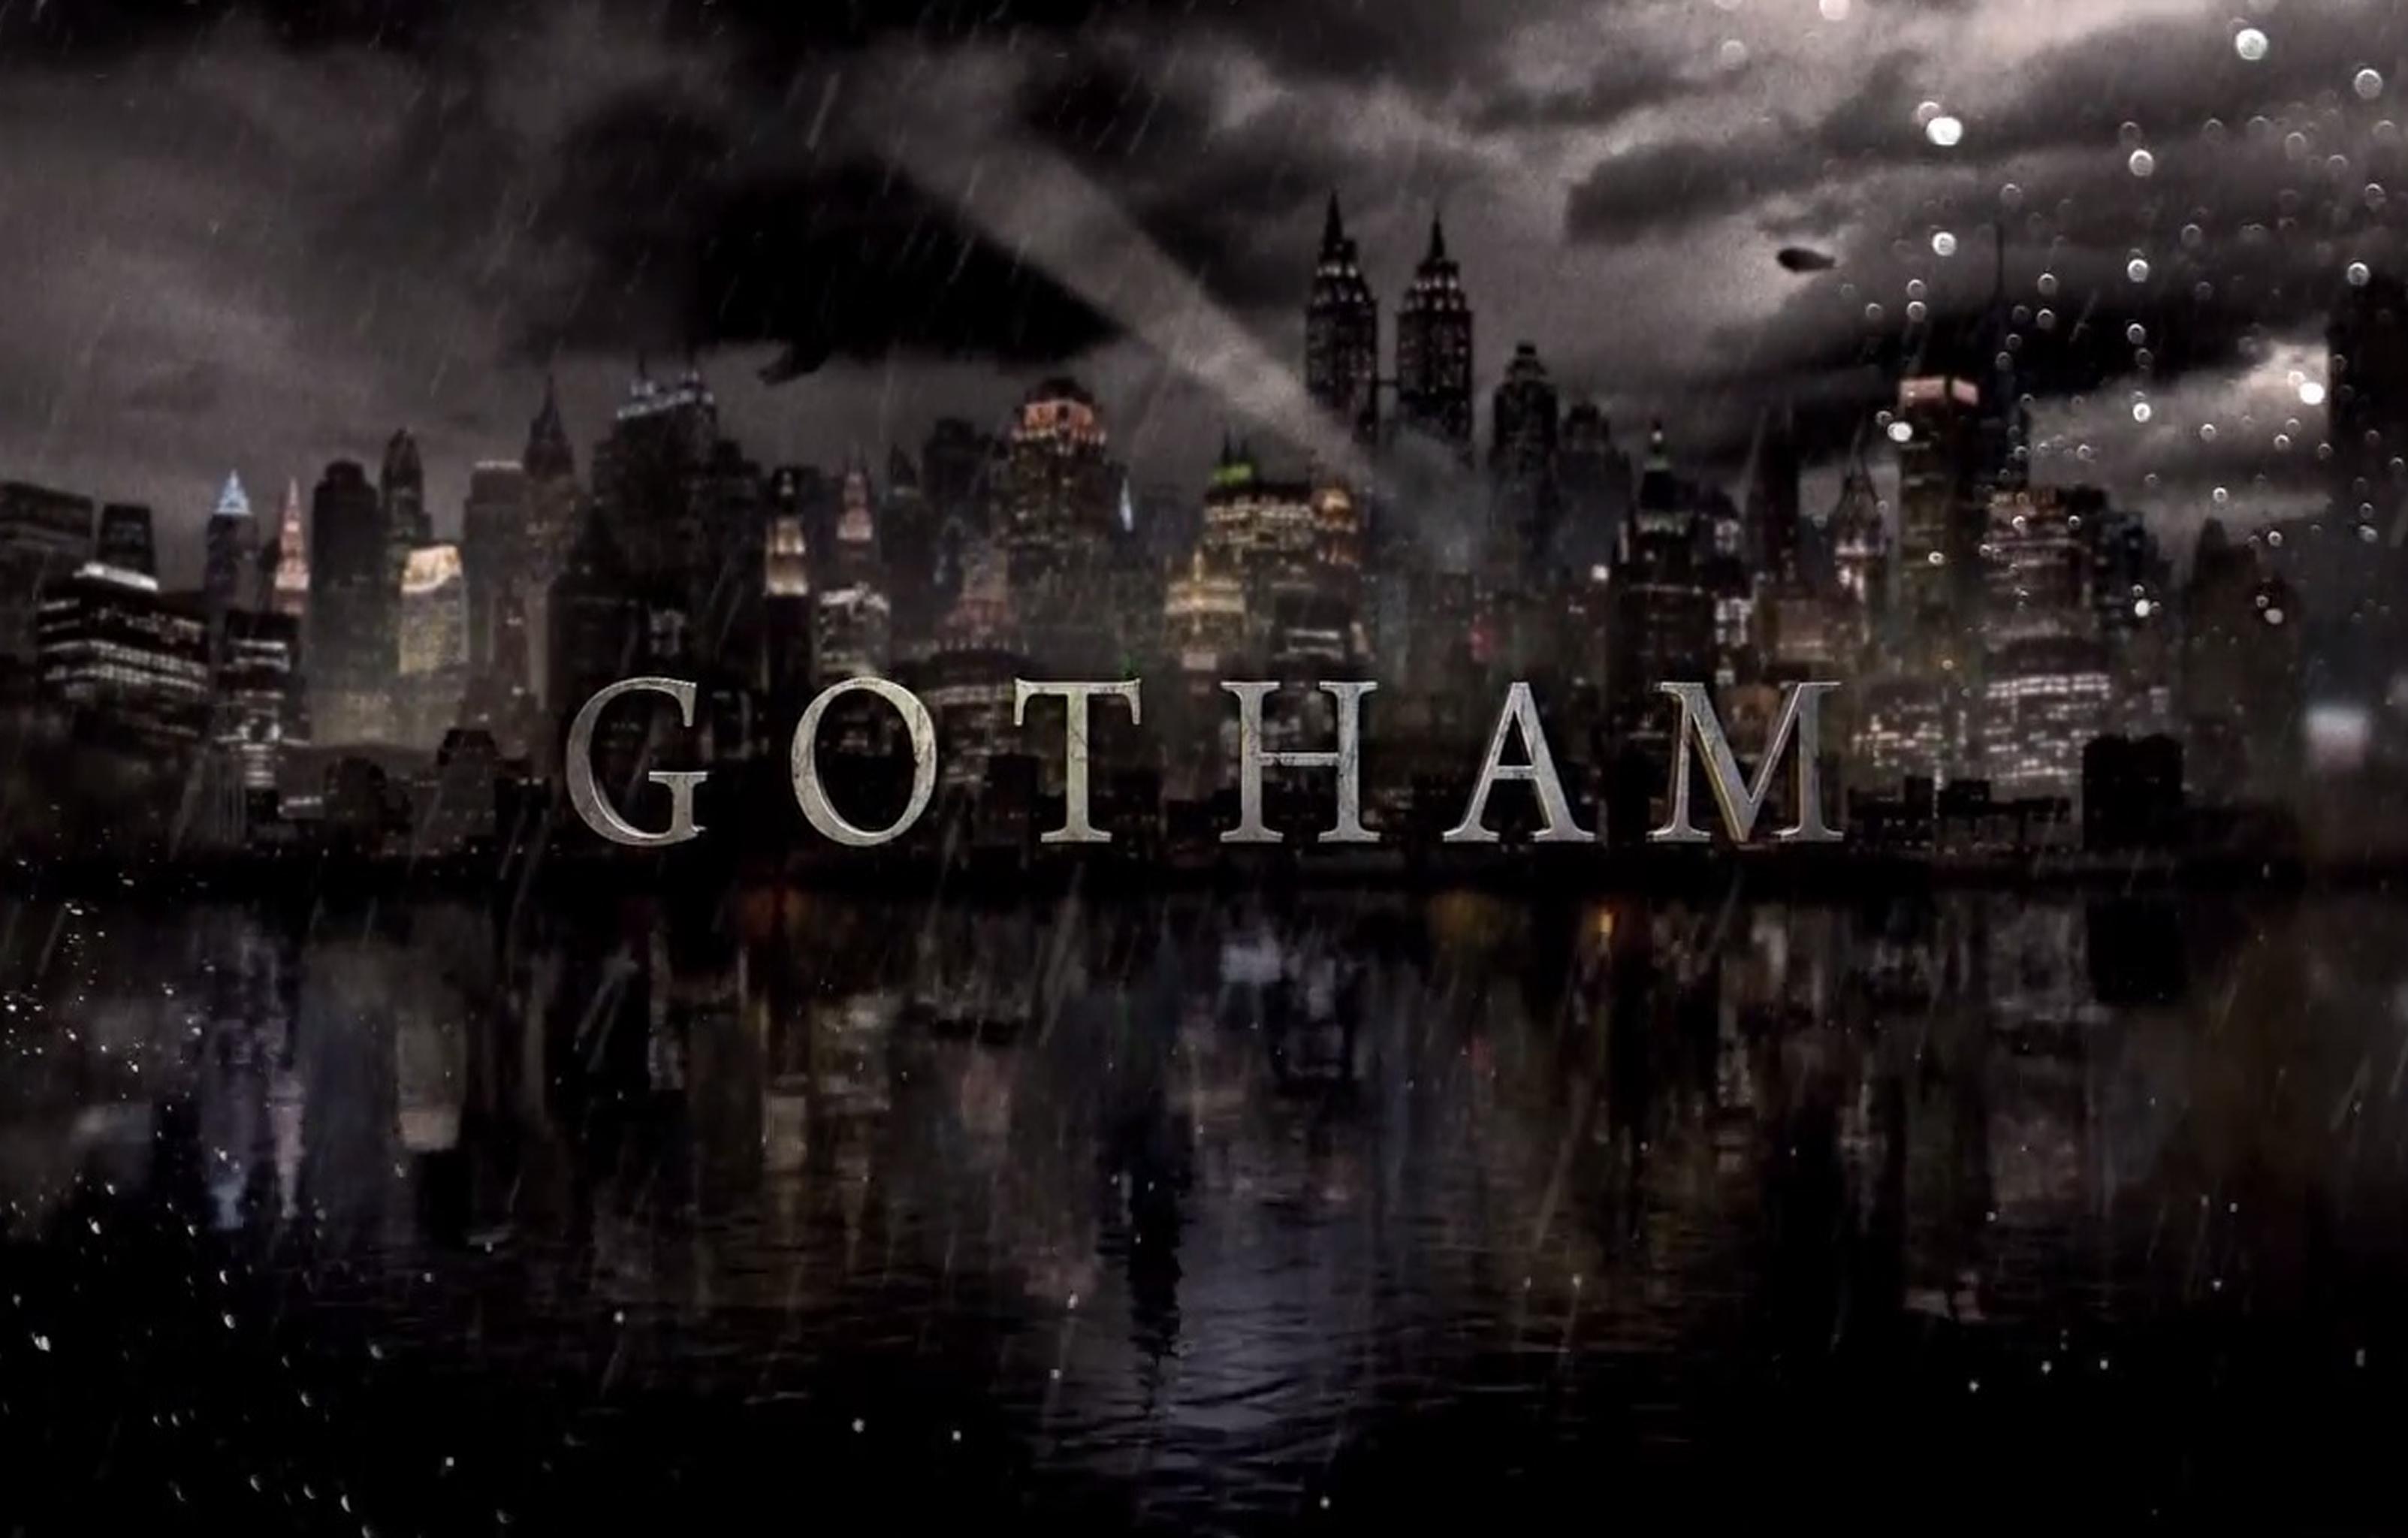 Gotham - TV Show